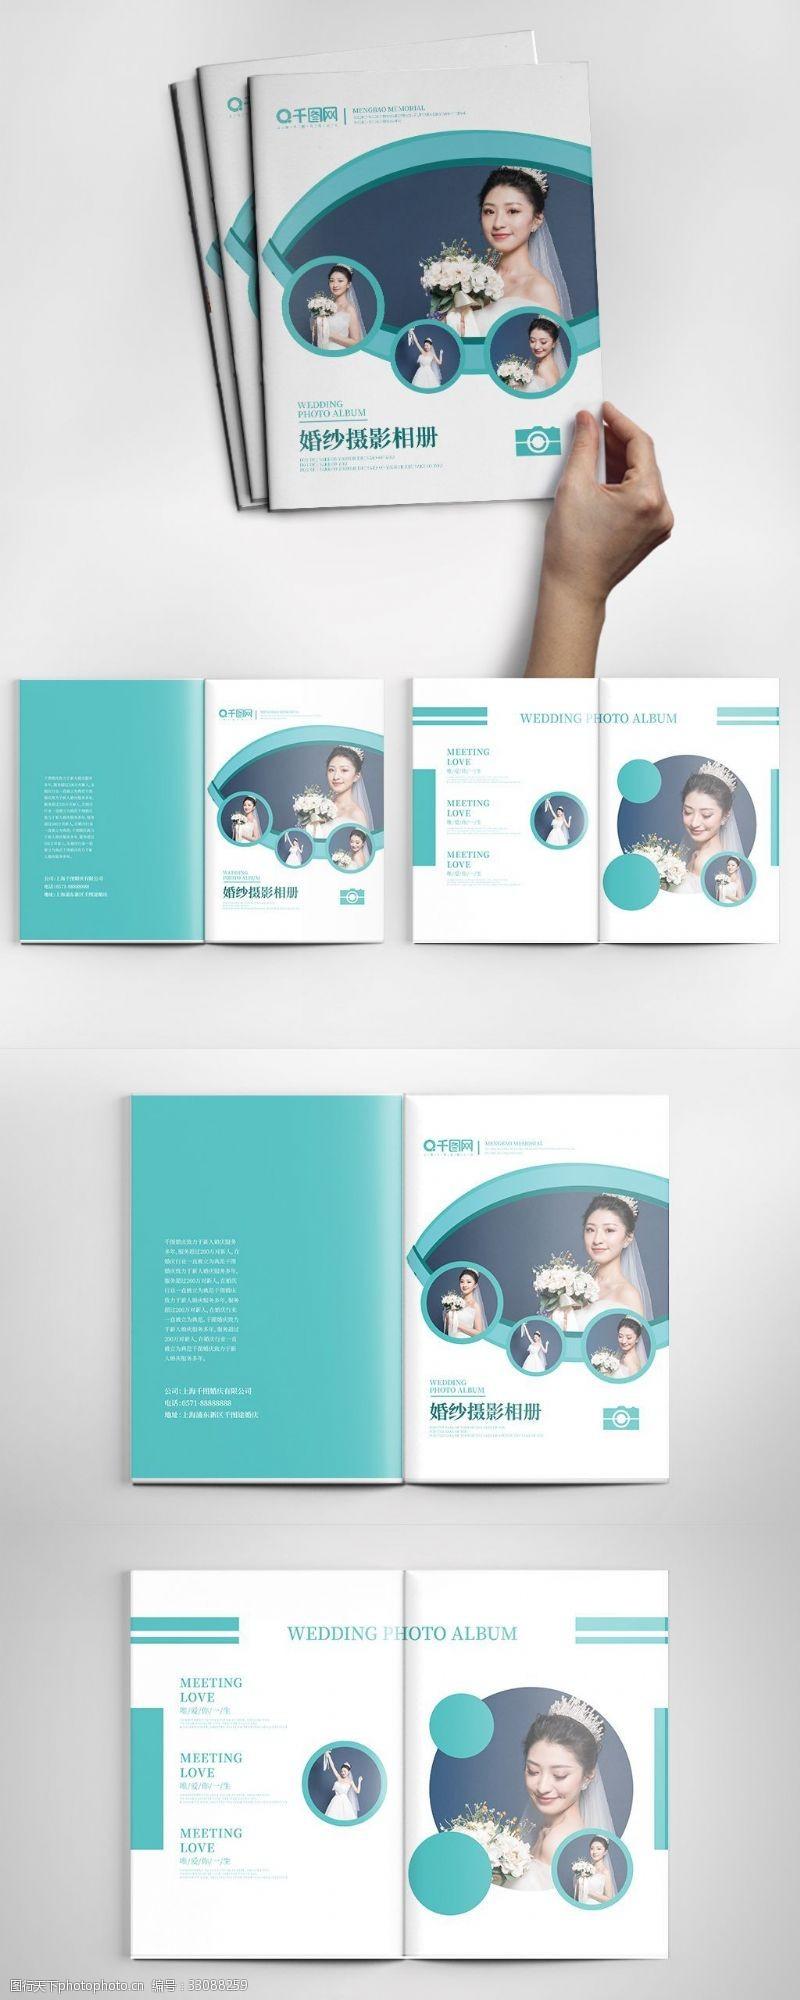 婚纱摄影宣传蓝色创意简约婚纱摄影相册画册整套